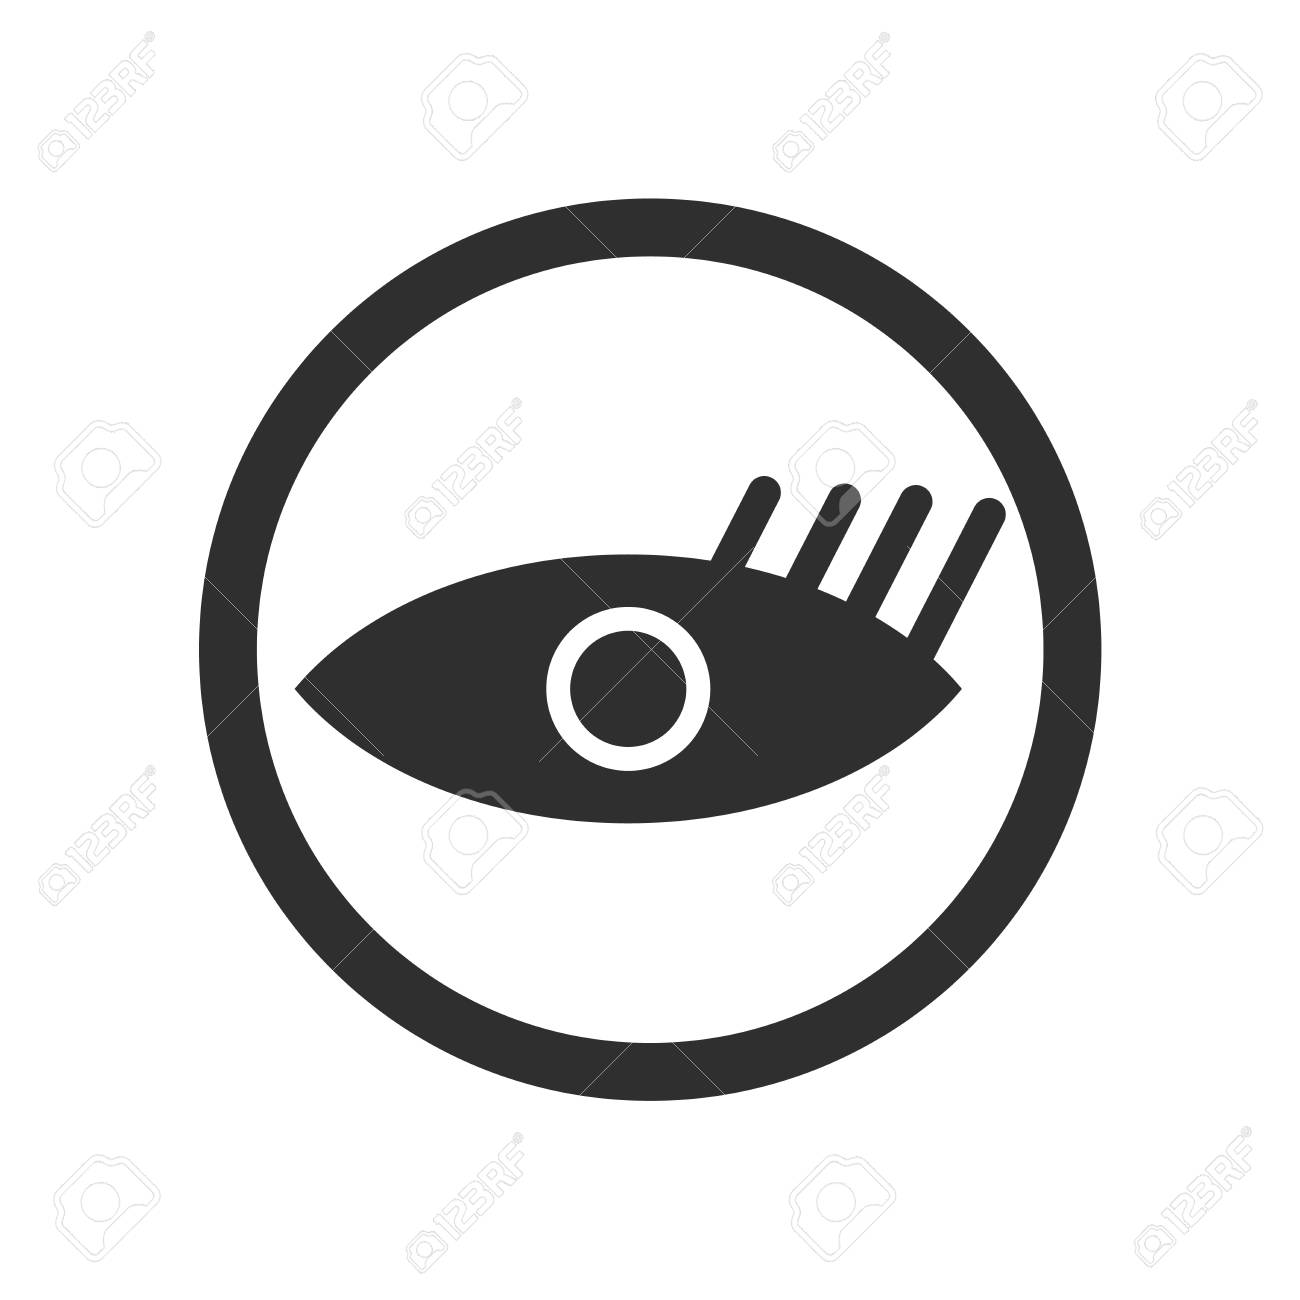 vierme simbol